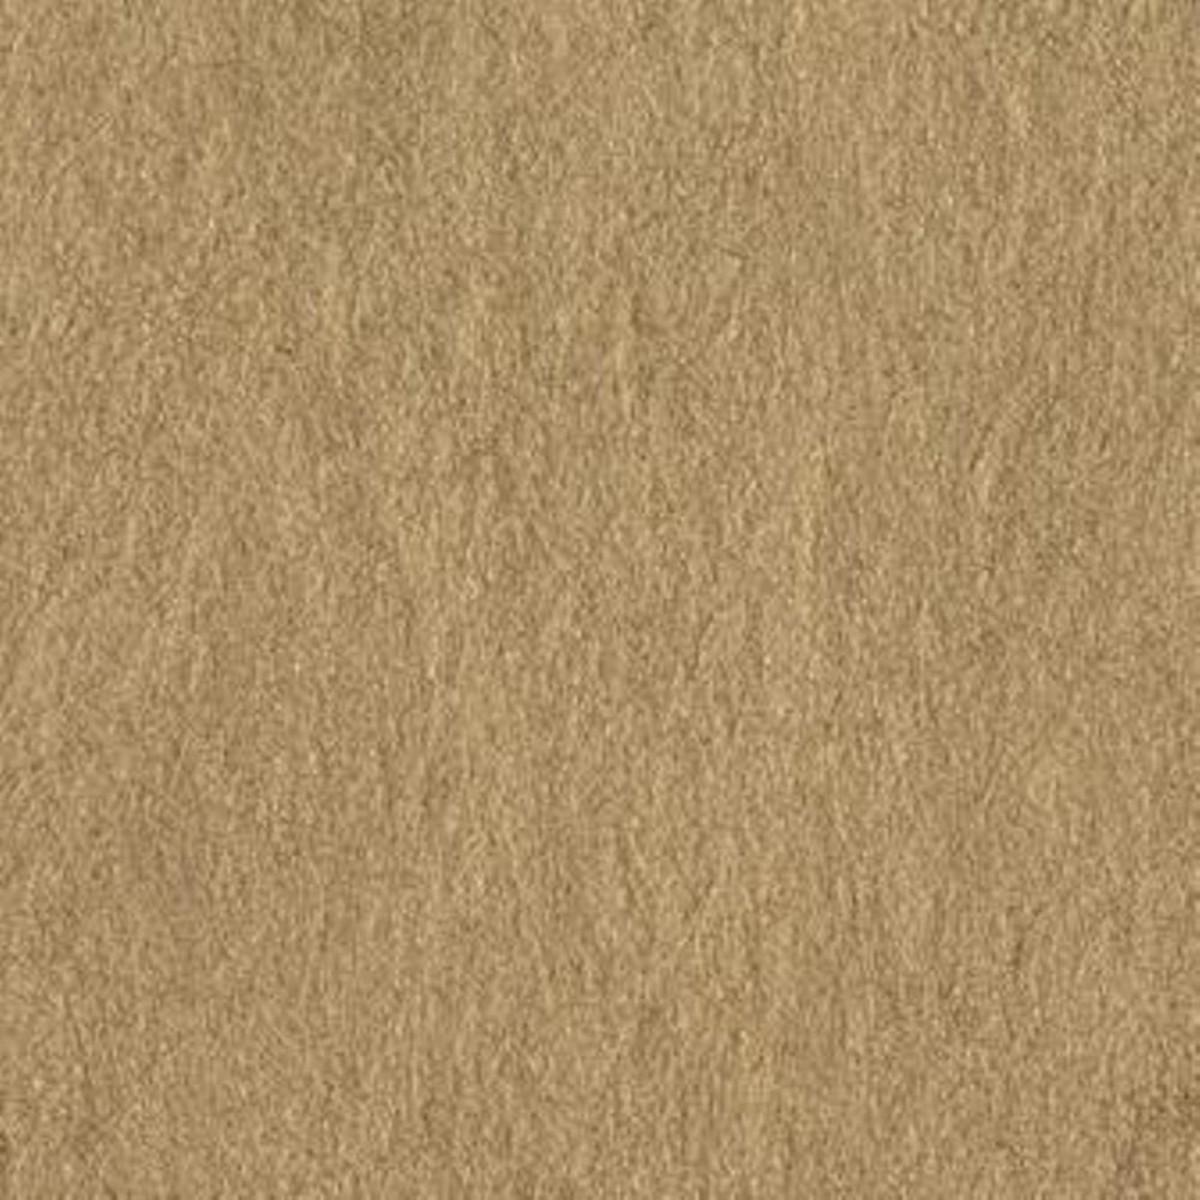 Обои флизелиновые Ronald Redding Sculptured Surfaces I желтые 0.70 м LS6111RD